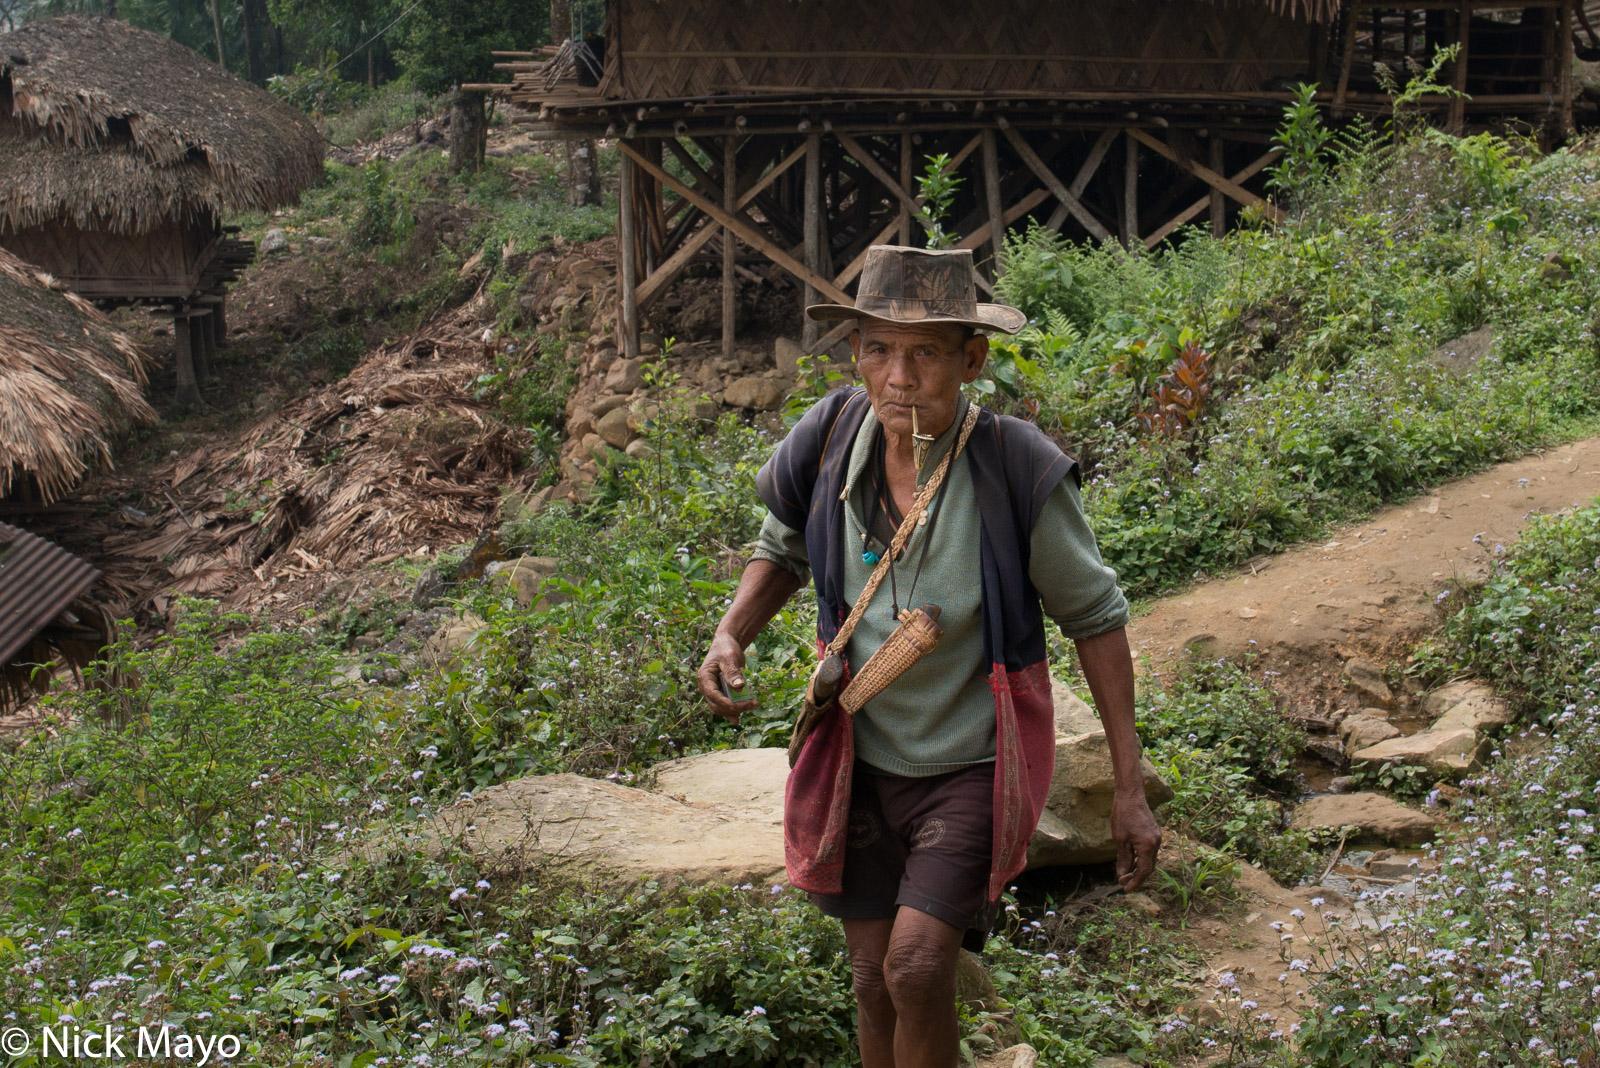 A pipe smoking Adi Minyong man in the village of Karang.